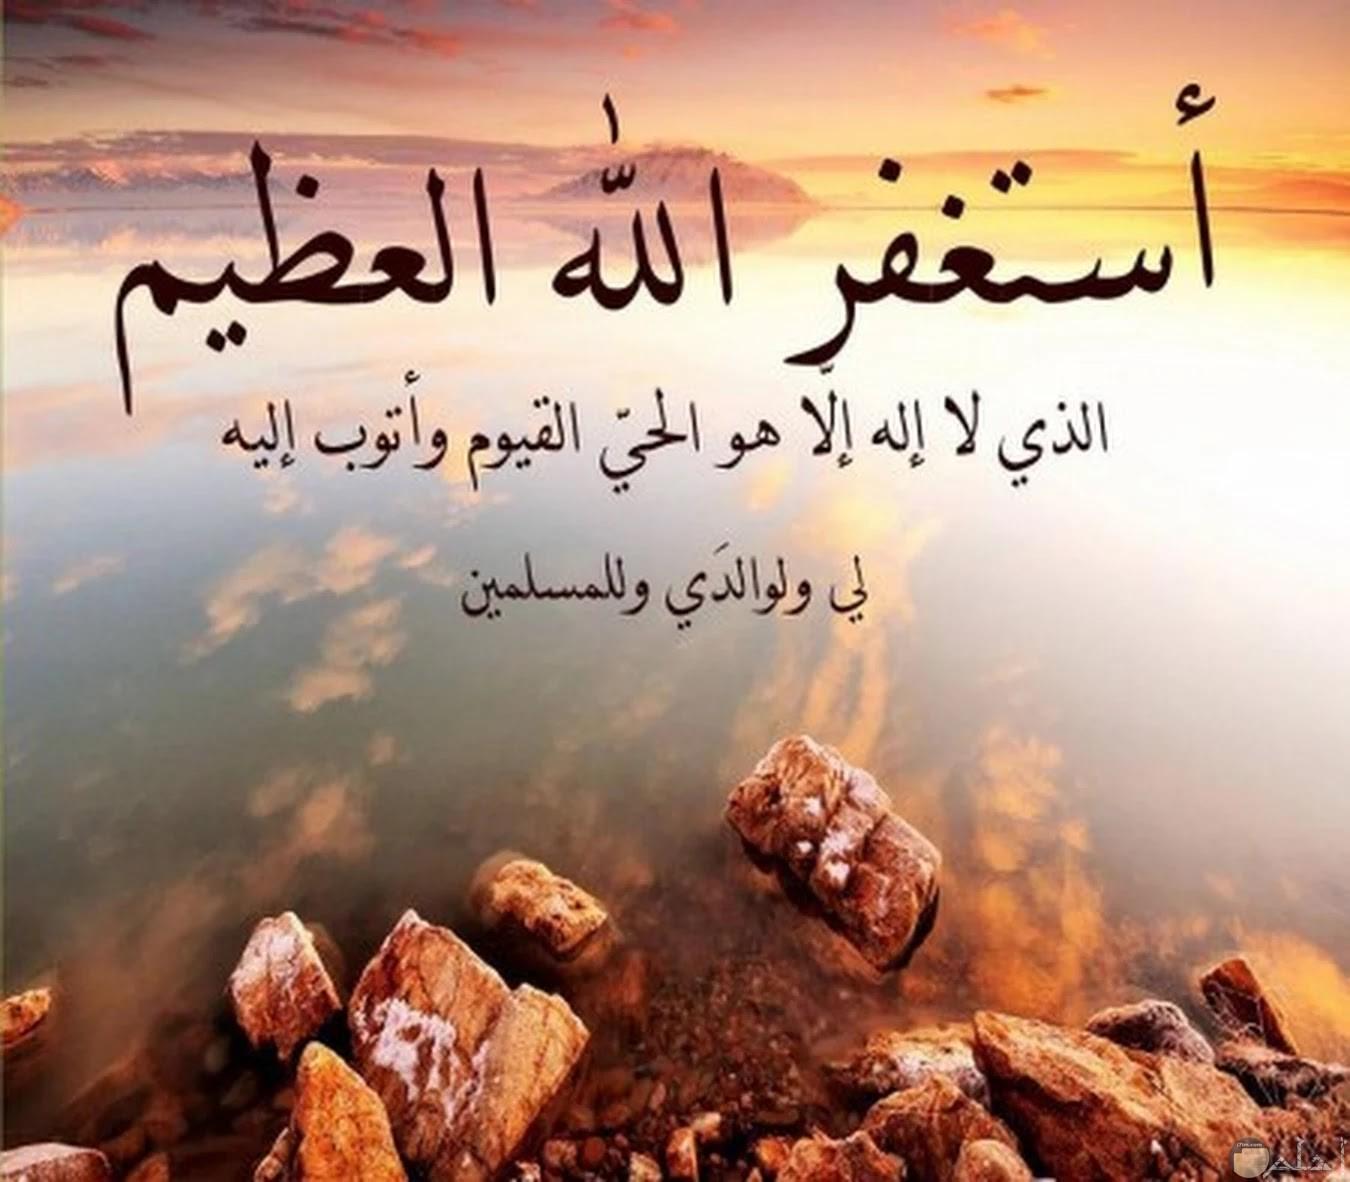 خلفيات ذكر الله استغفر الله العظيم